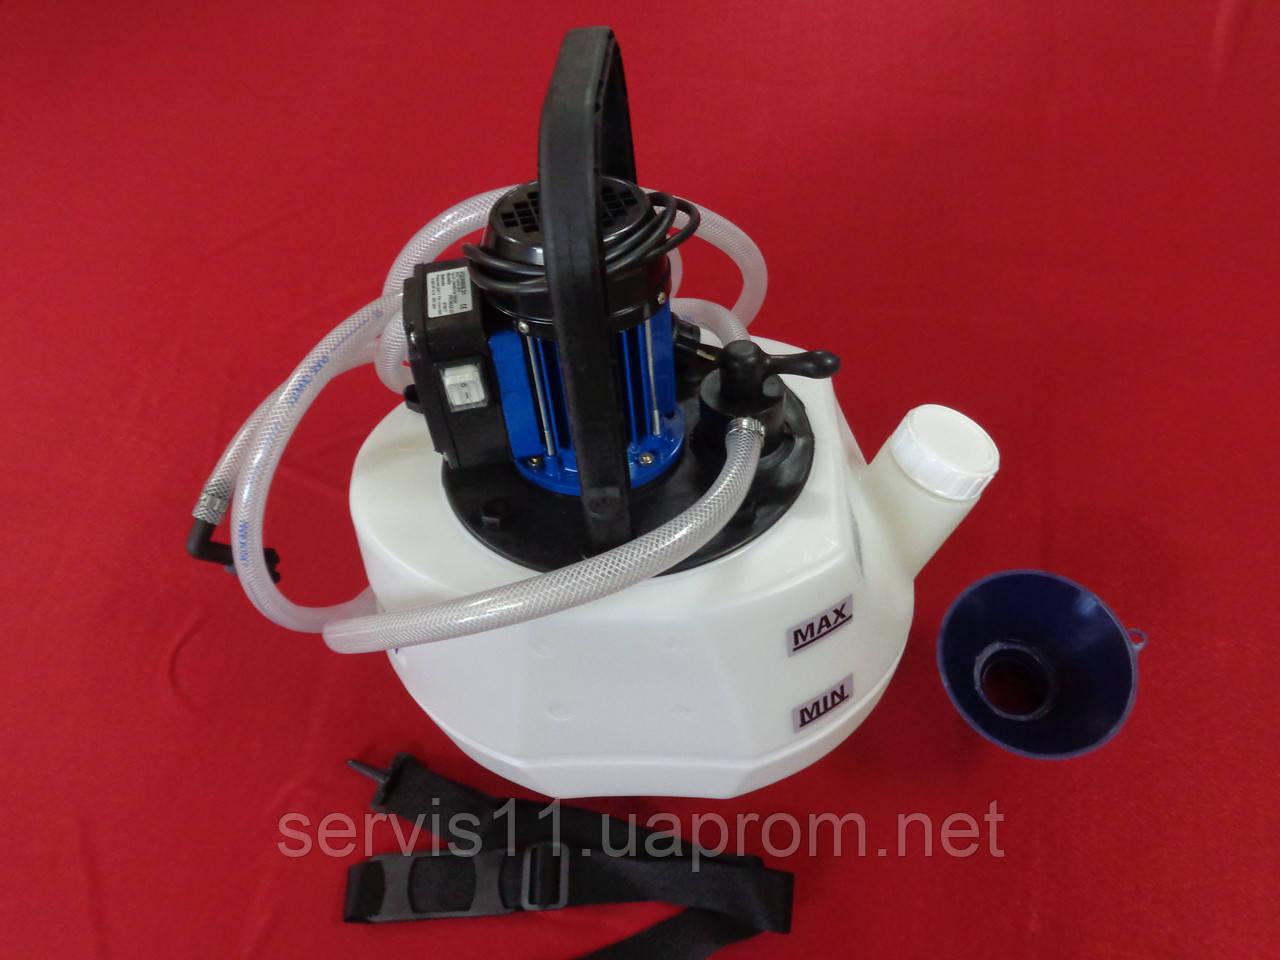 Установка для промывки теплообменников AQUAMAX (Италия). Серия Promax20